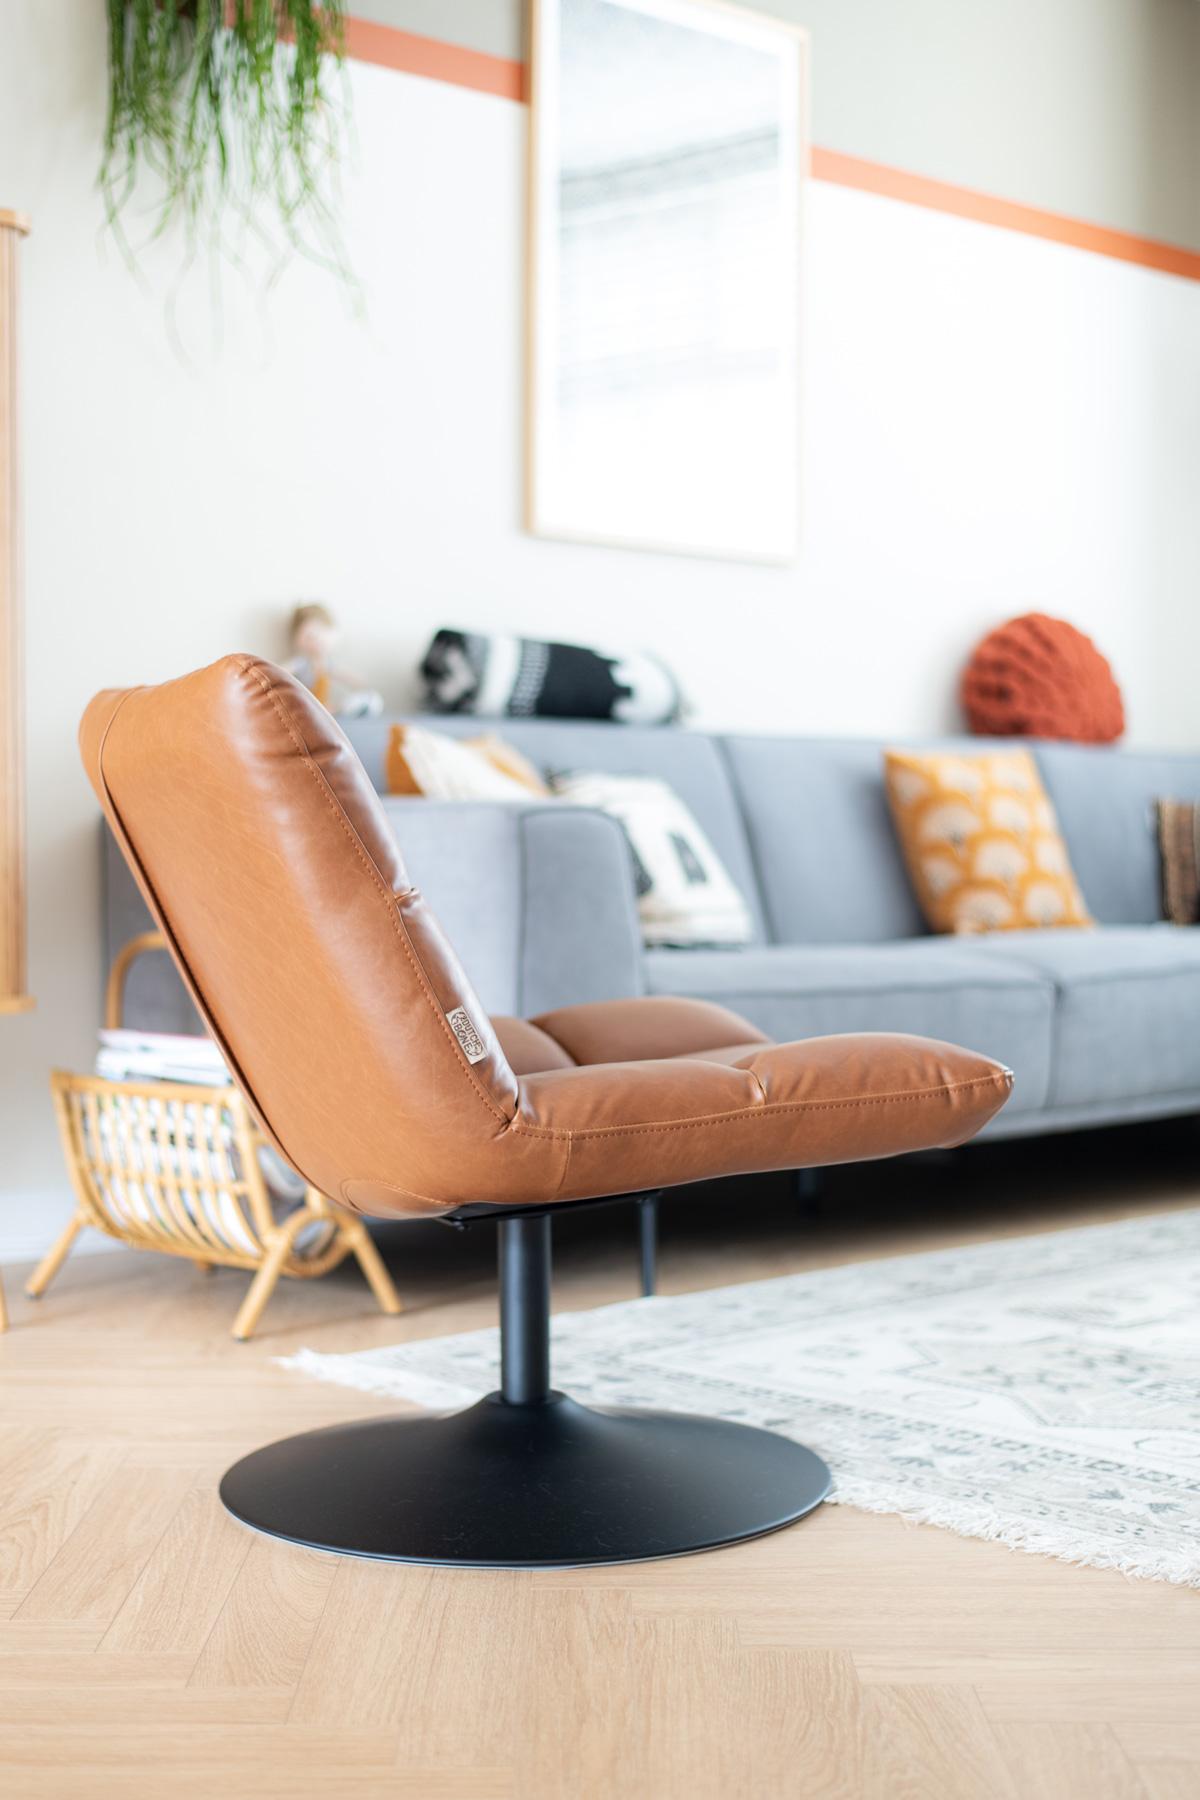 keeelly91 fauteuil bar vintage bruin industrieelwonen woonkamer interieur wonen styling bohemian